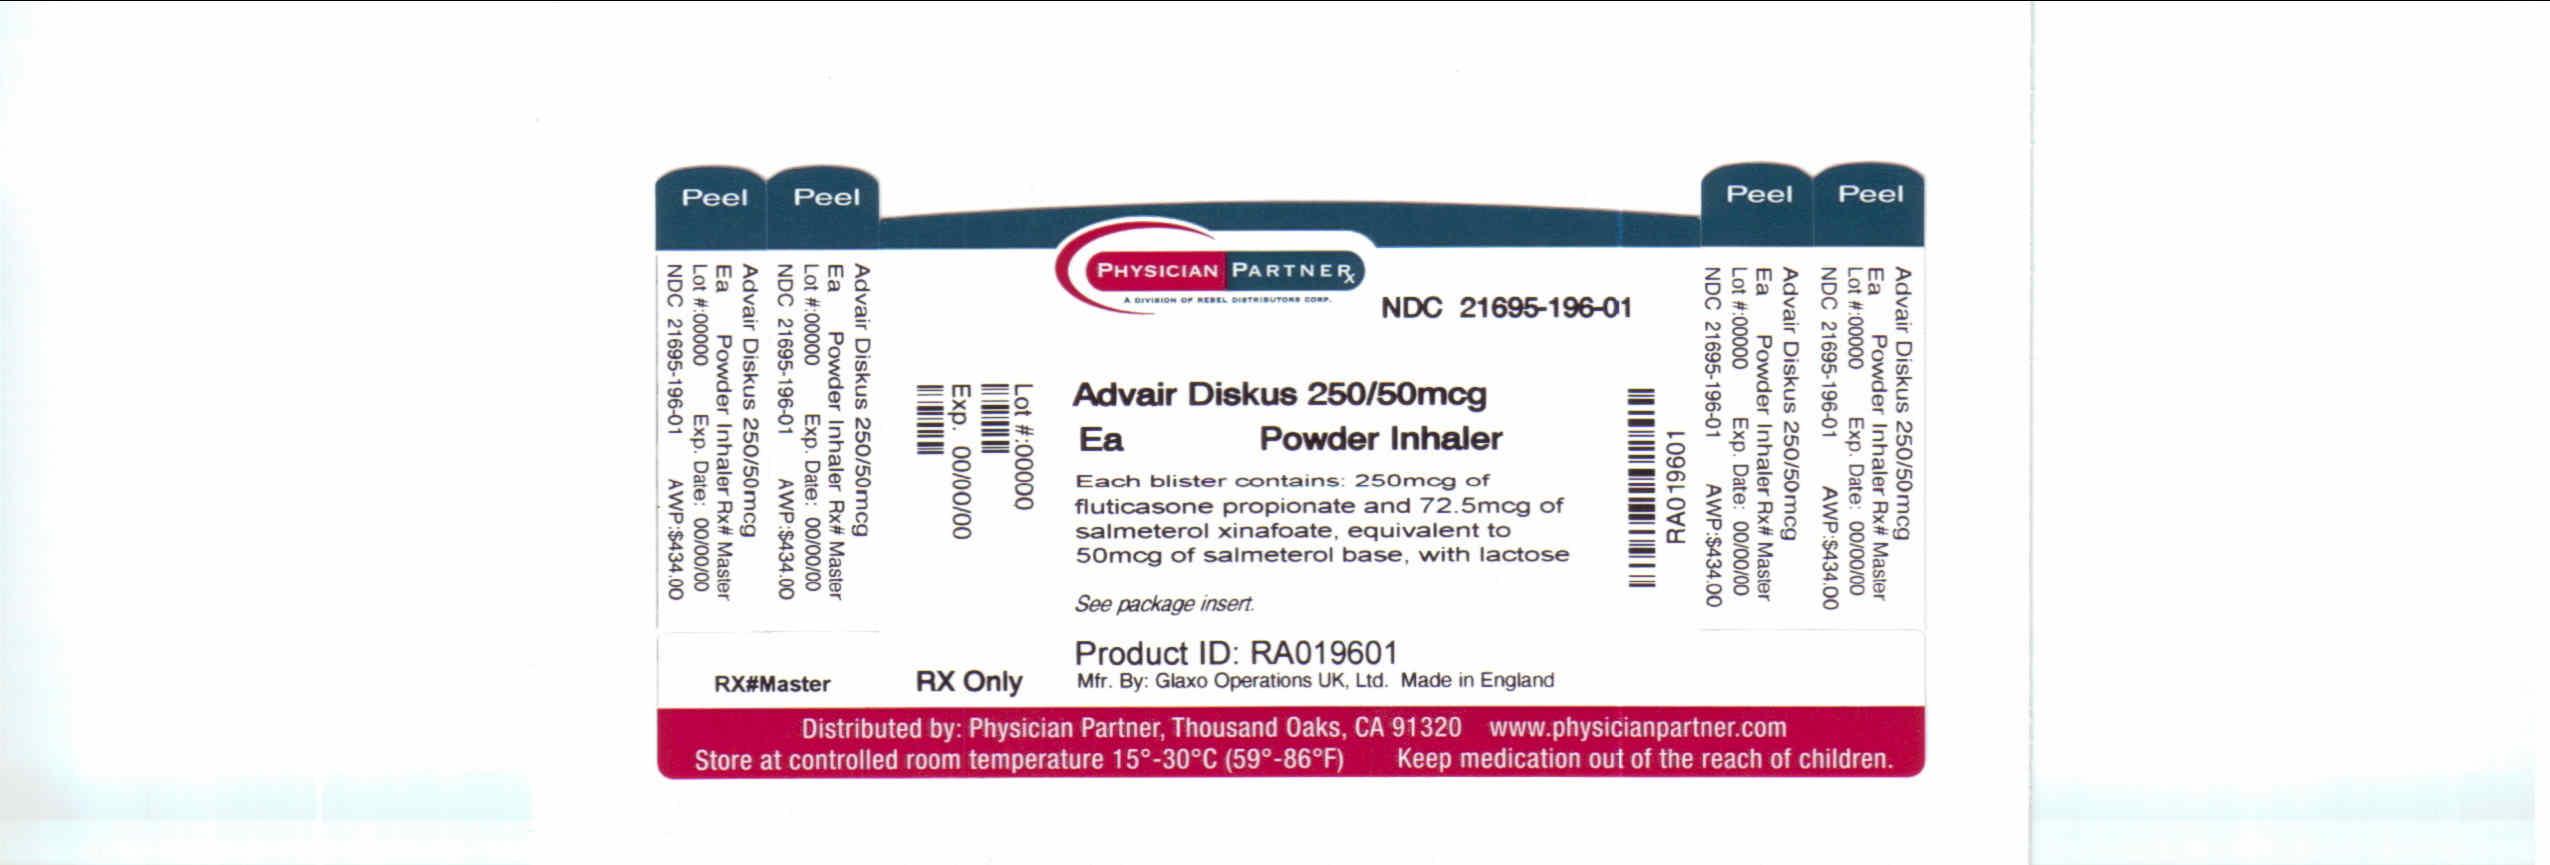 advair diskus patient assistance program application